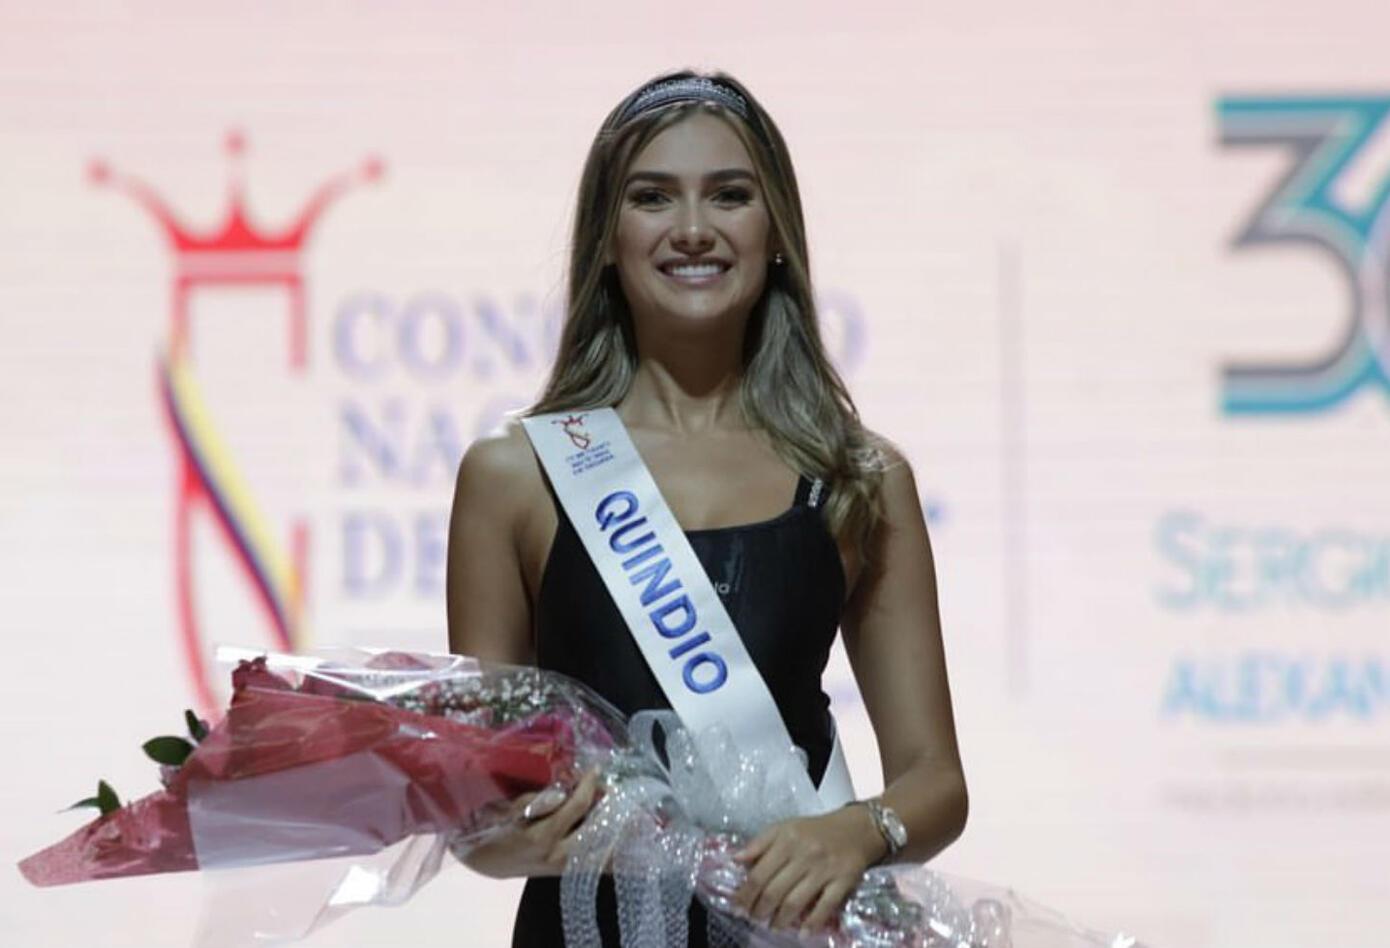 María Fernanda Aristizabal, señorita Quindío 2019, ganó cuerpo sano